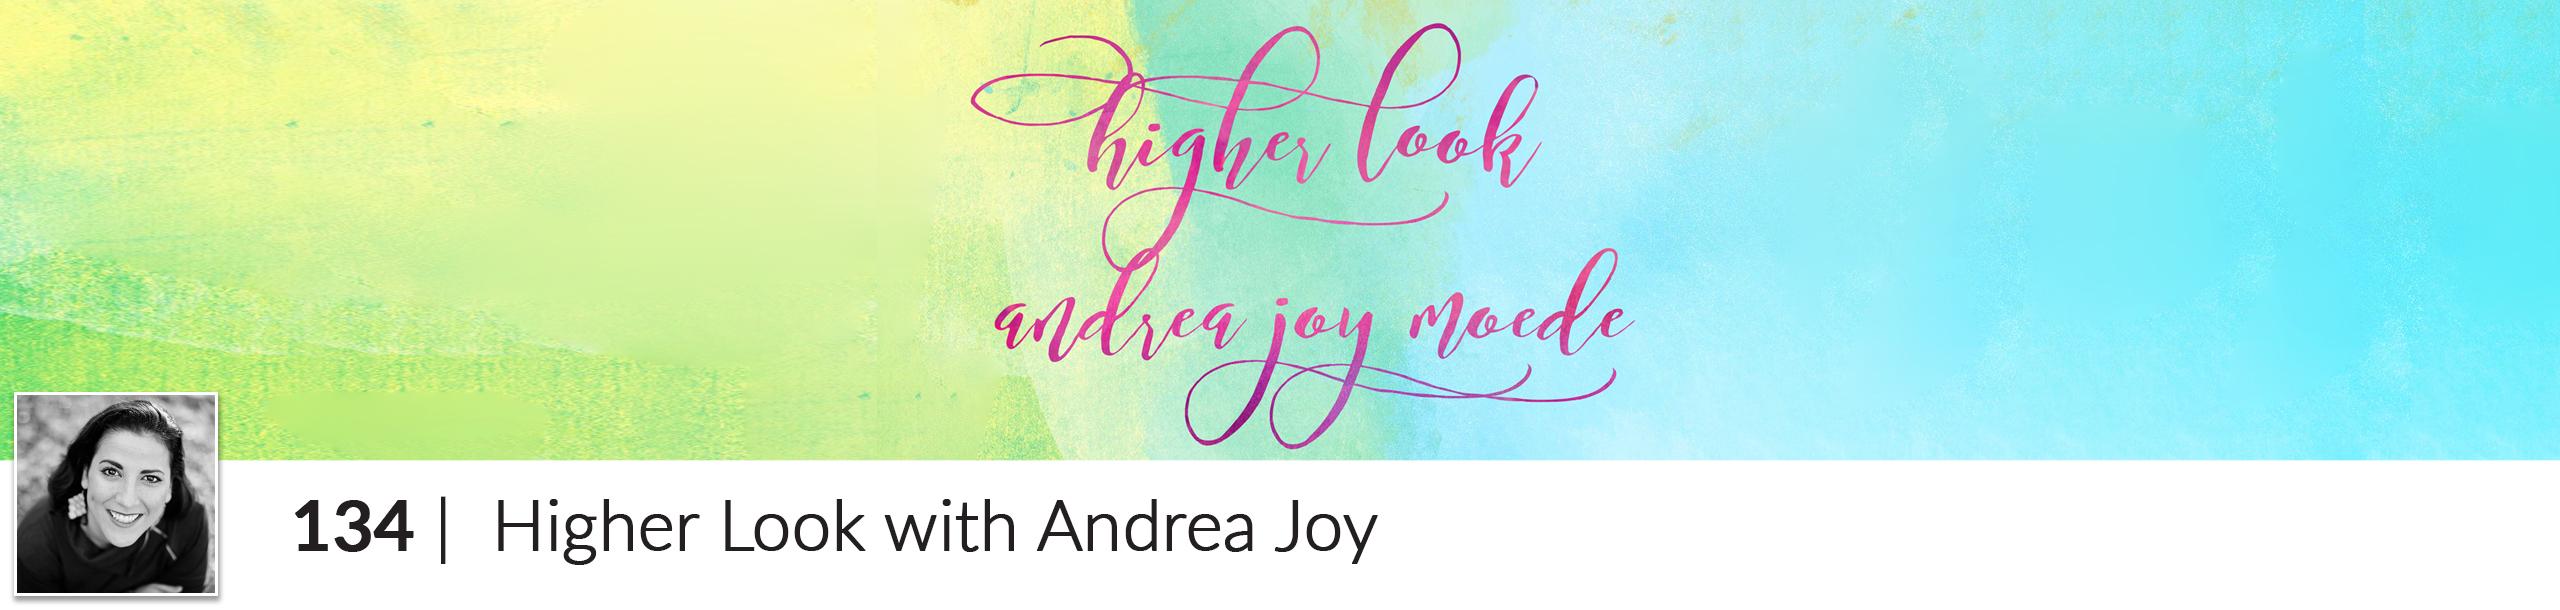 AndreaJoy-header1